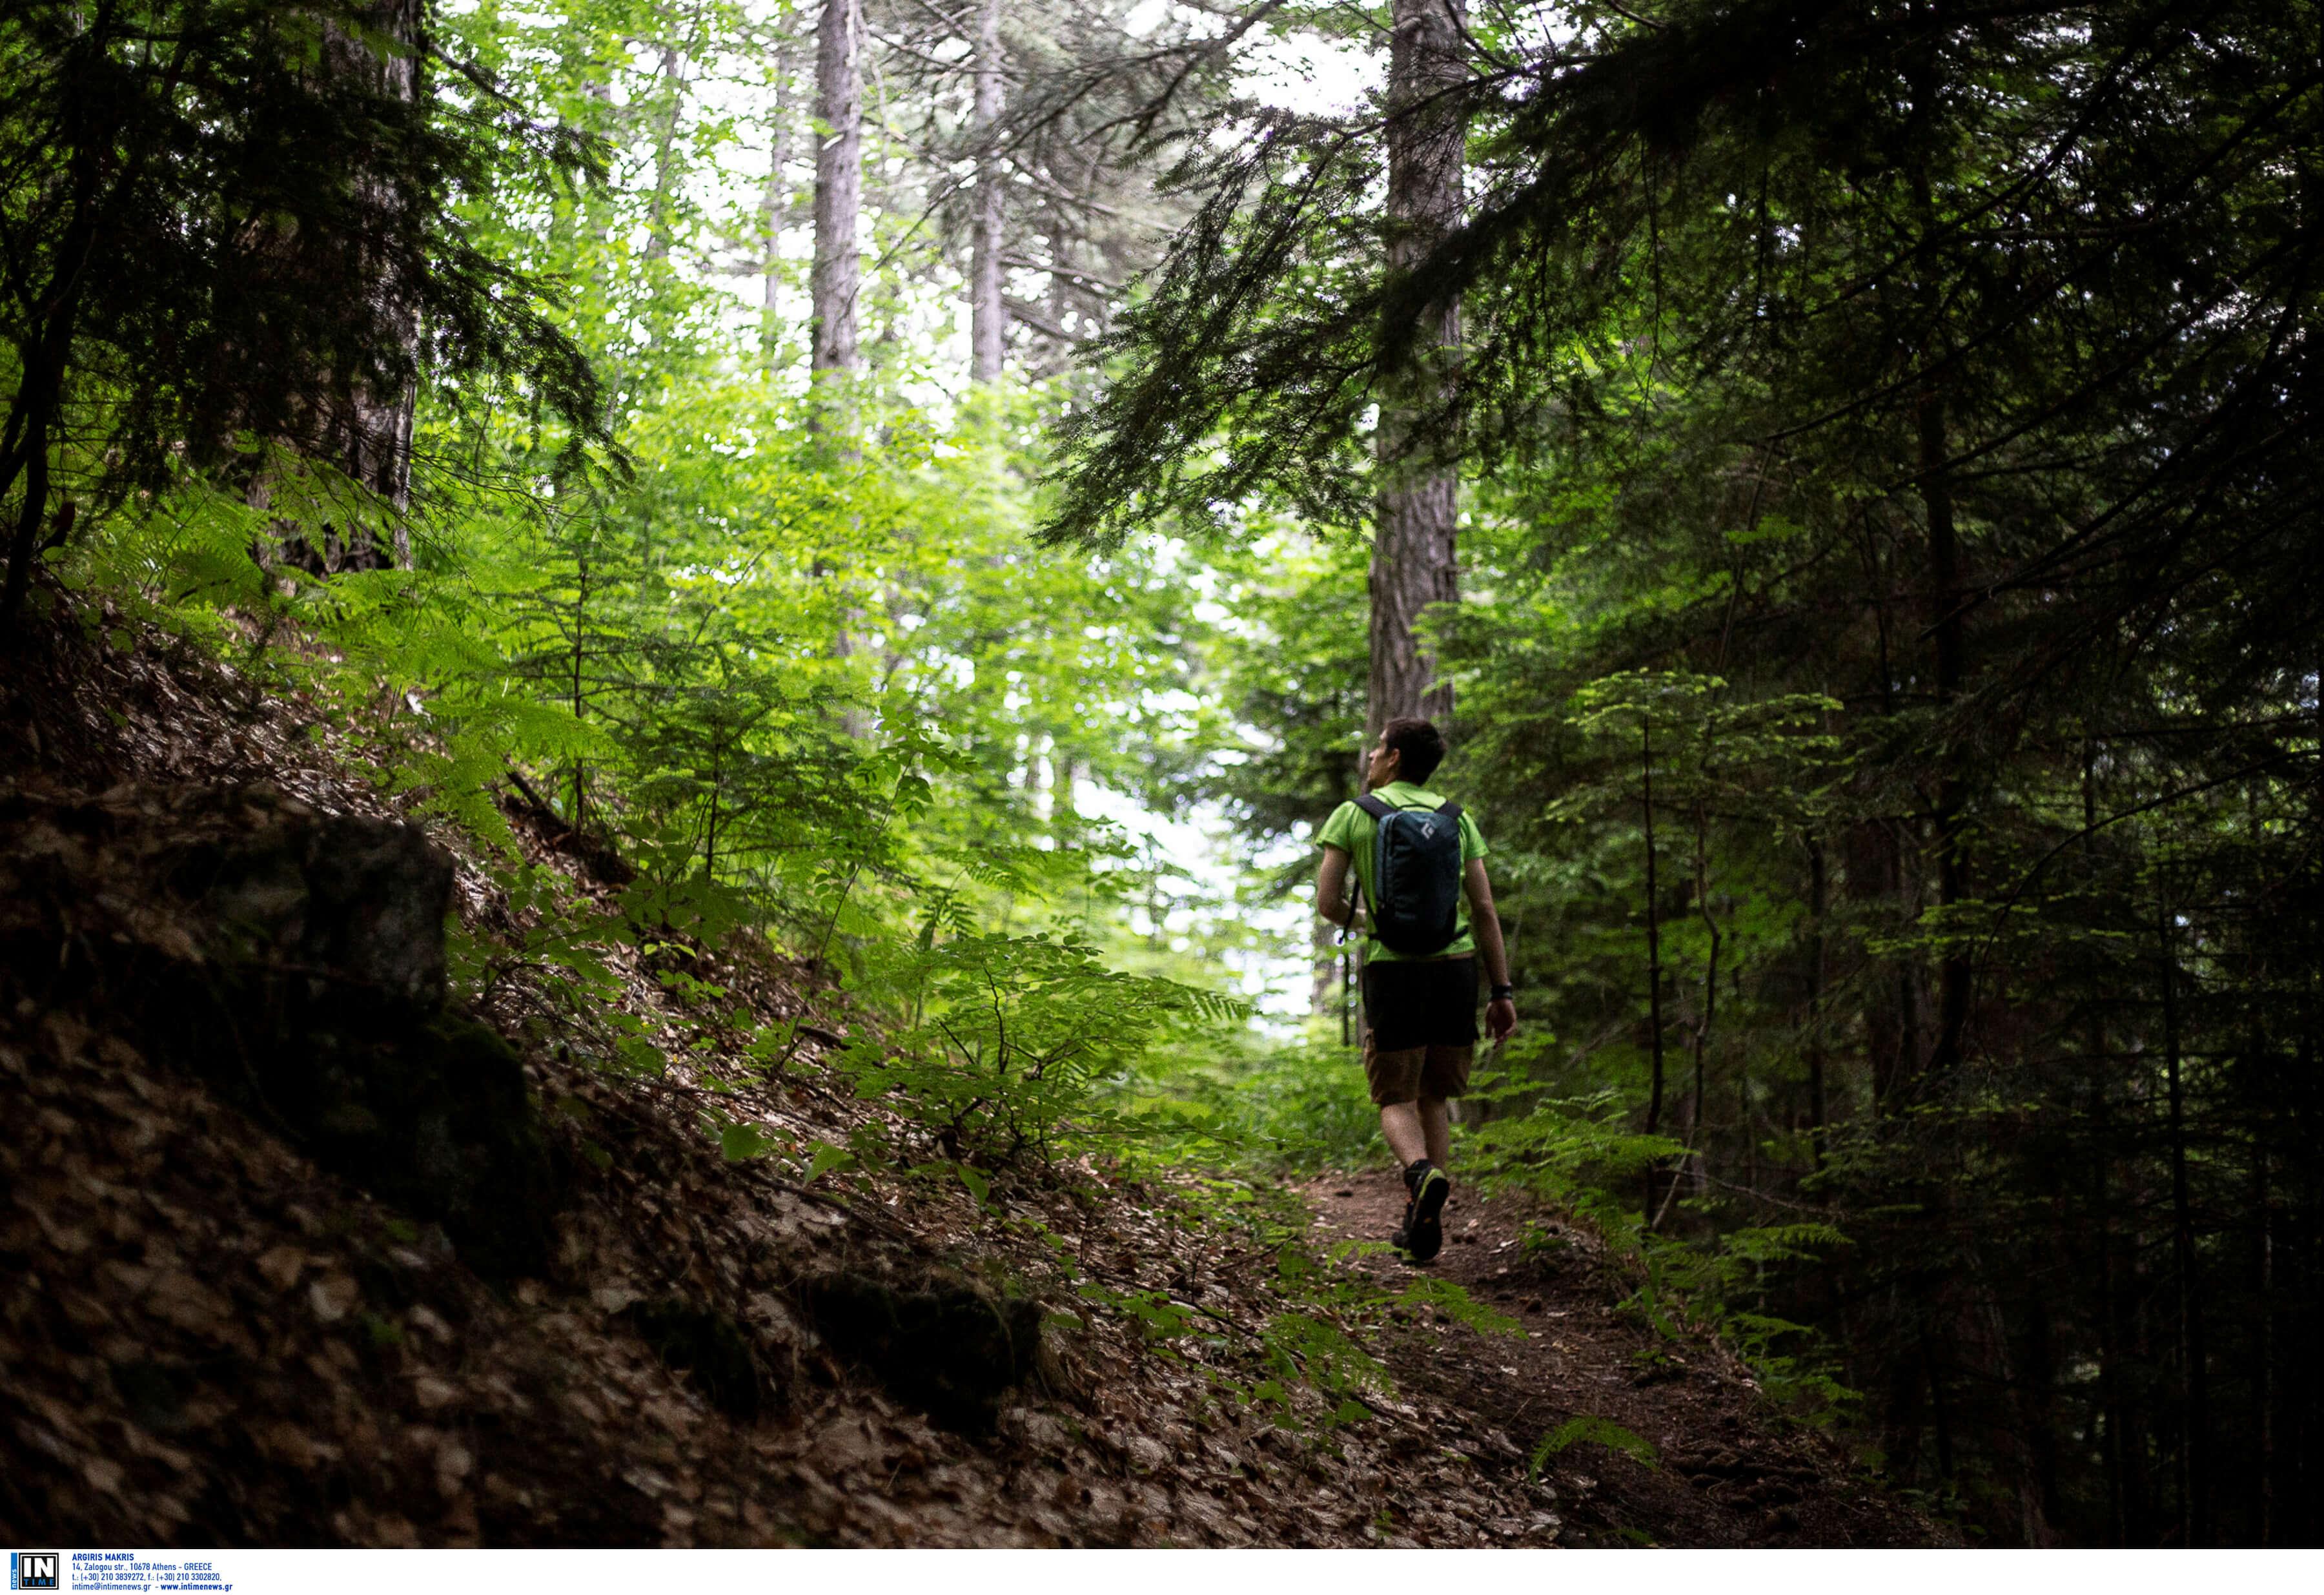 Όλυμπος: Κορυφώνεται το θρίλερ με τον αγνοούμενο ορειβάτη – Λιώνει από αγωνία η γυναίκα του